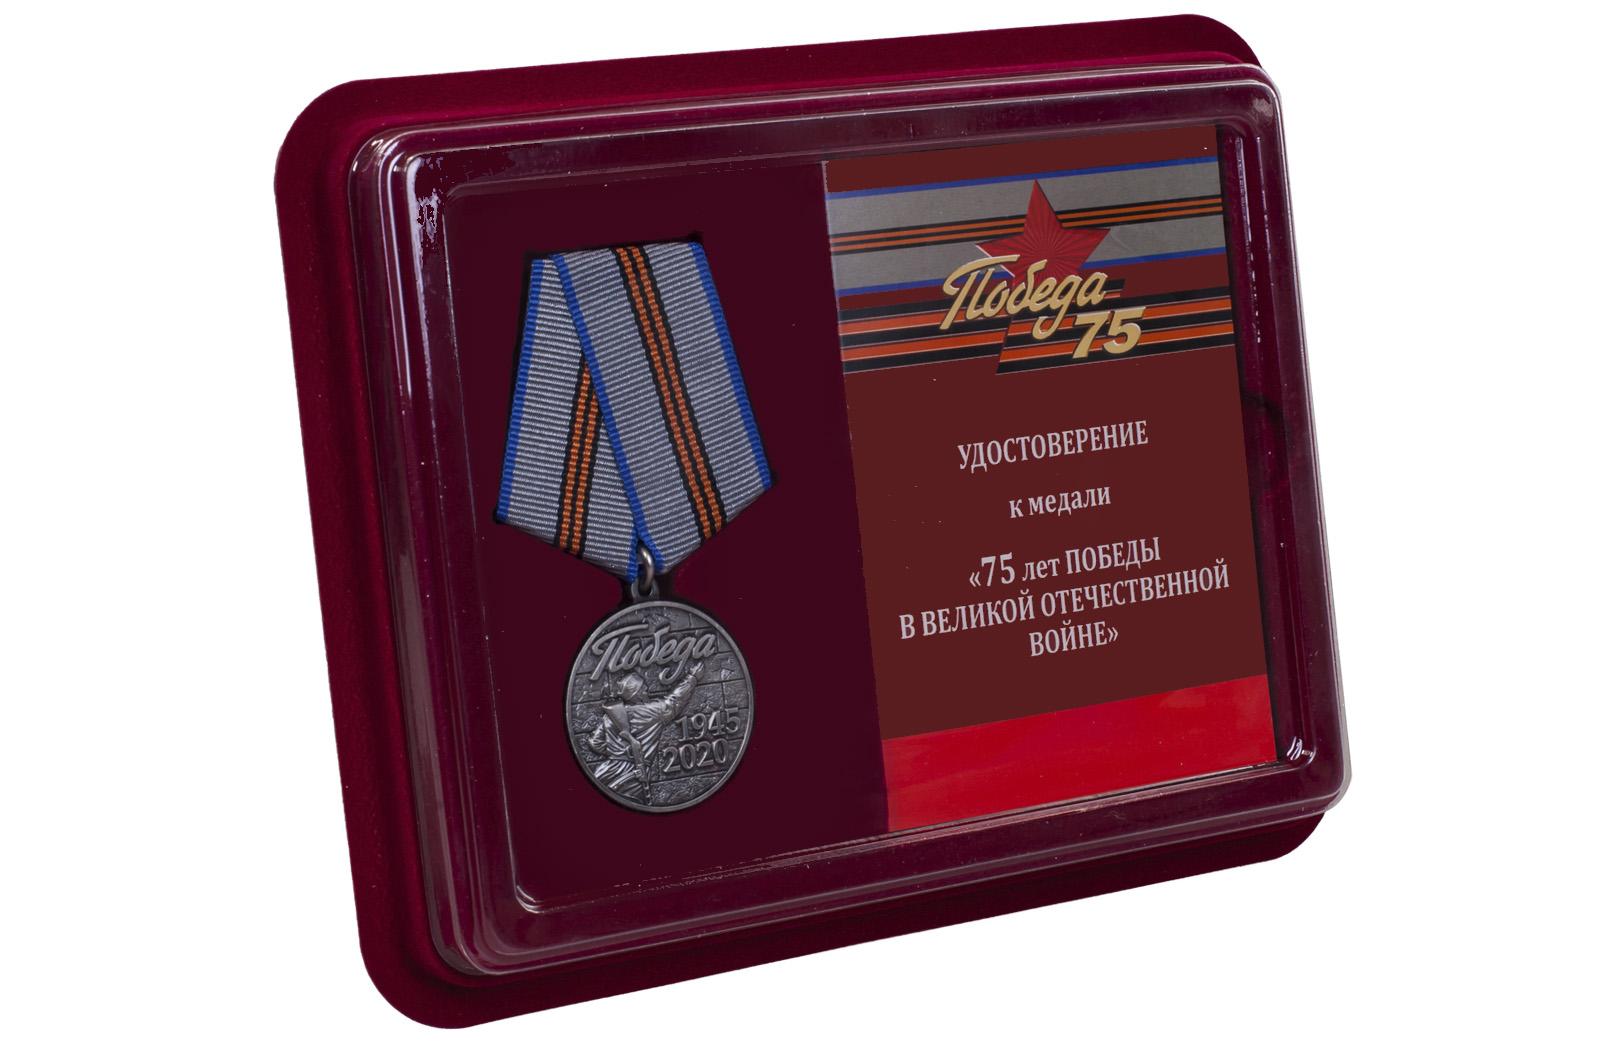 Юбилейная медаль к 75-летию Победы в Великой Отечественной Войне - в футляре с удостоверением